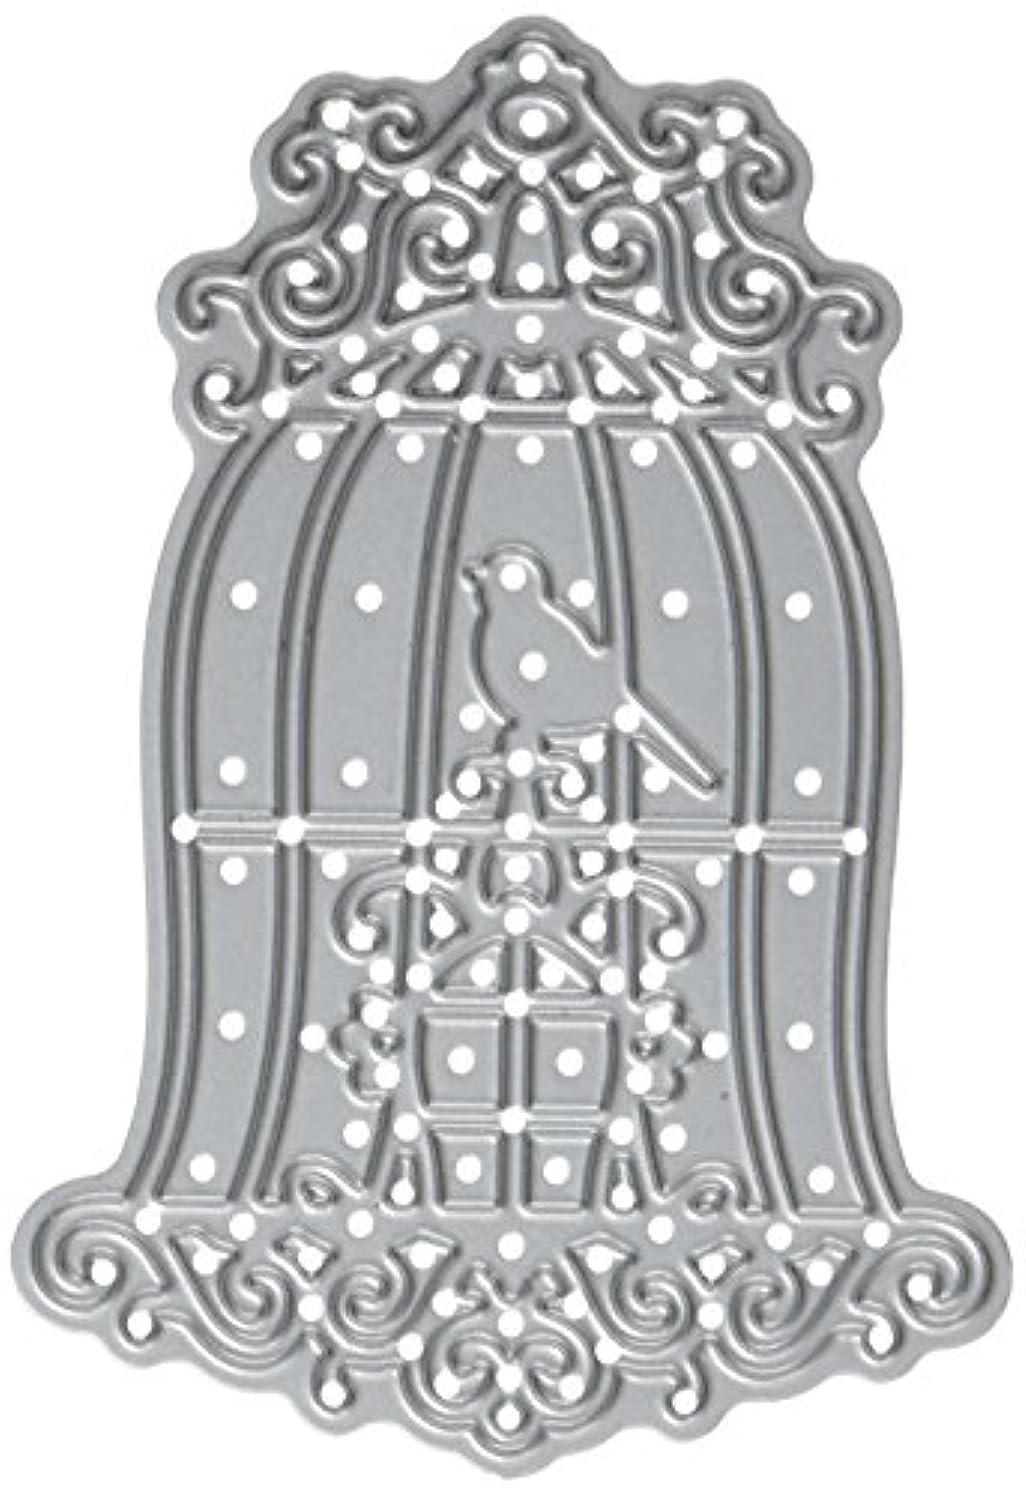 CottageCutz Elites Die Cuts, 2 by 3-Inch, Fancy Ornate Birdcage